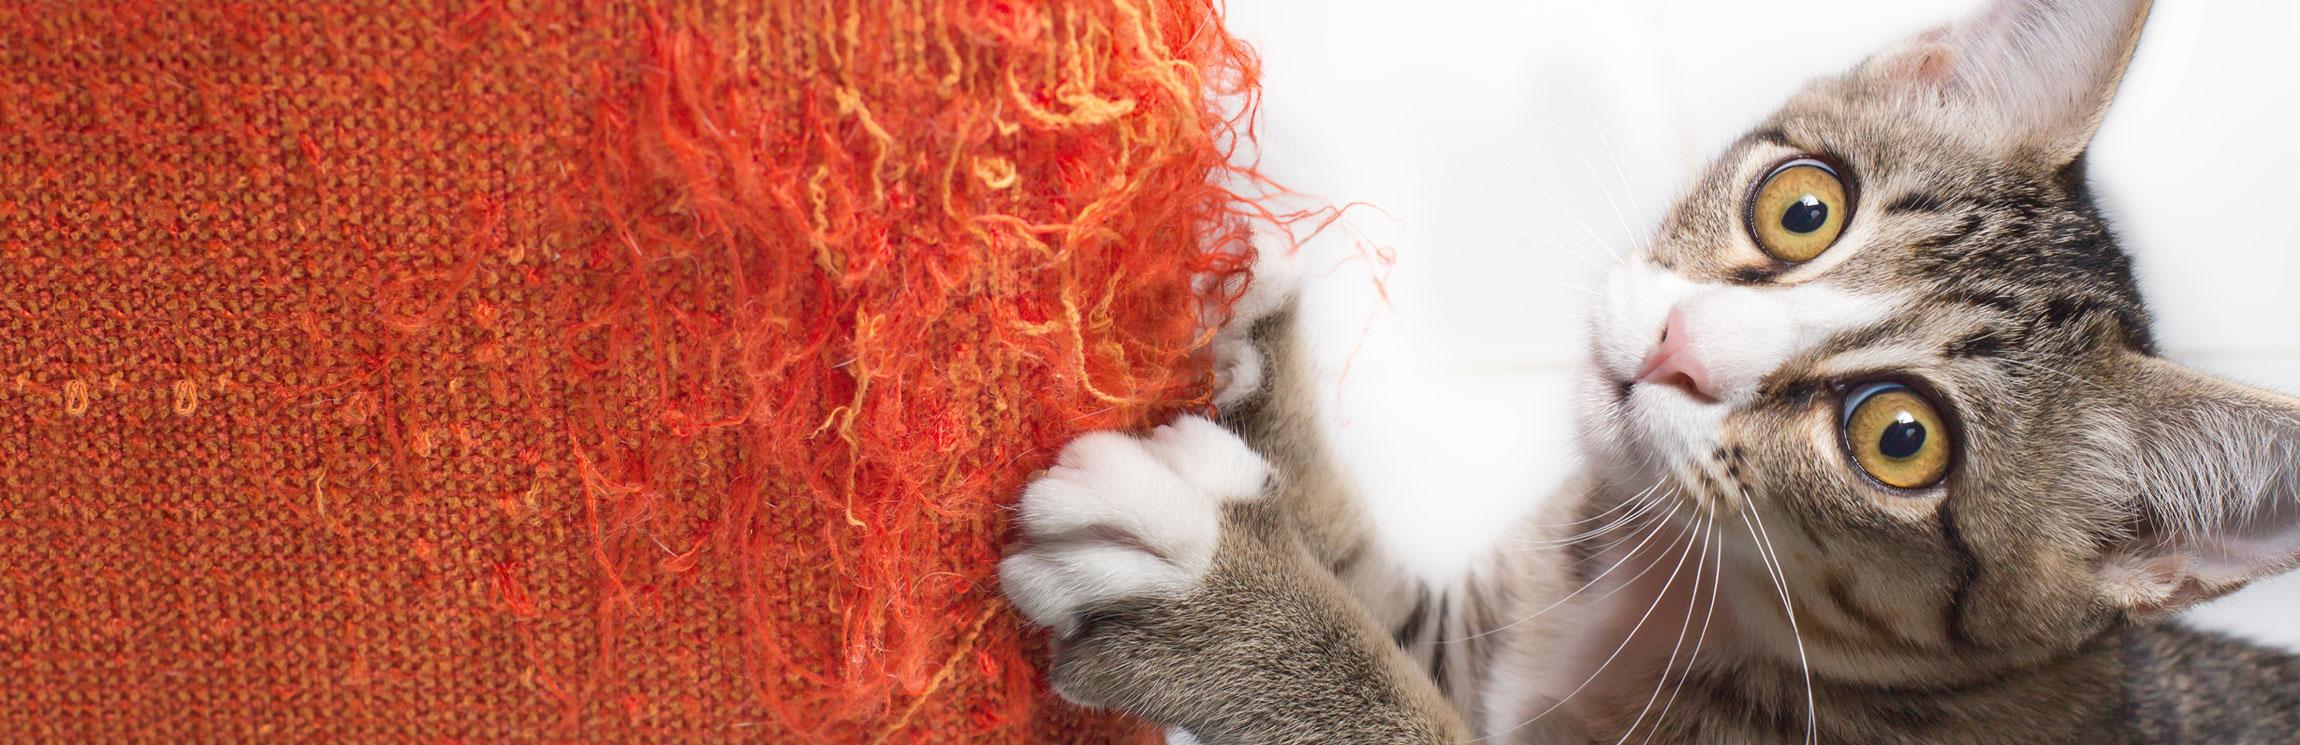 Madame Moustache, comportementaliste chat, relation humain-chat, garantir le bien-être de votre chat, cohabitation entre chats, adoption d'un chat, améliorer l'environnement de votre chat, accompagner votre chat qui vieillit, consultation à domicile, Lausanne, Canton de Vaud, Suisse